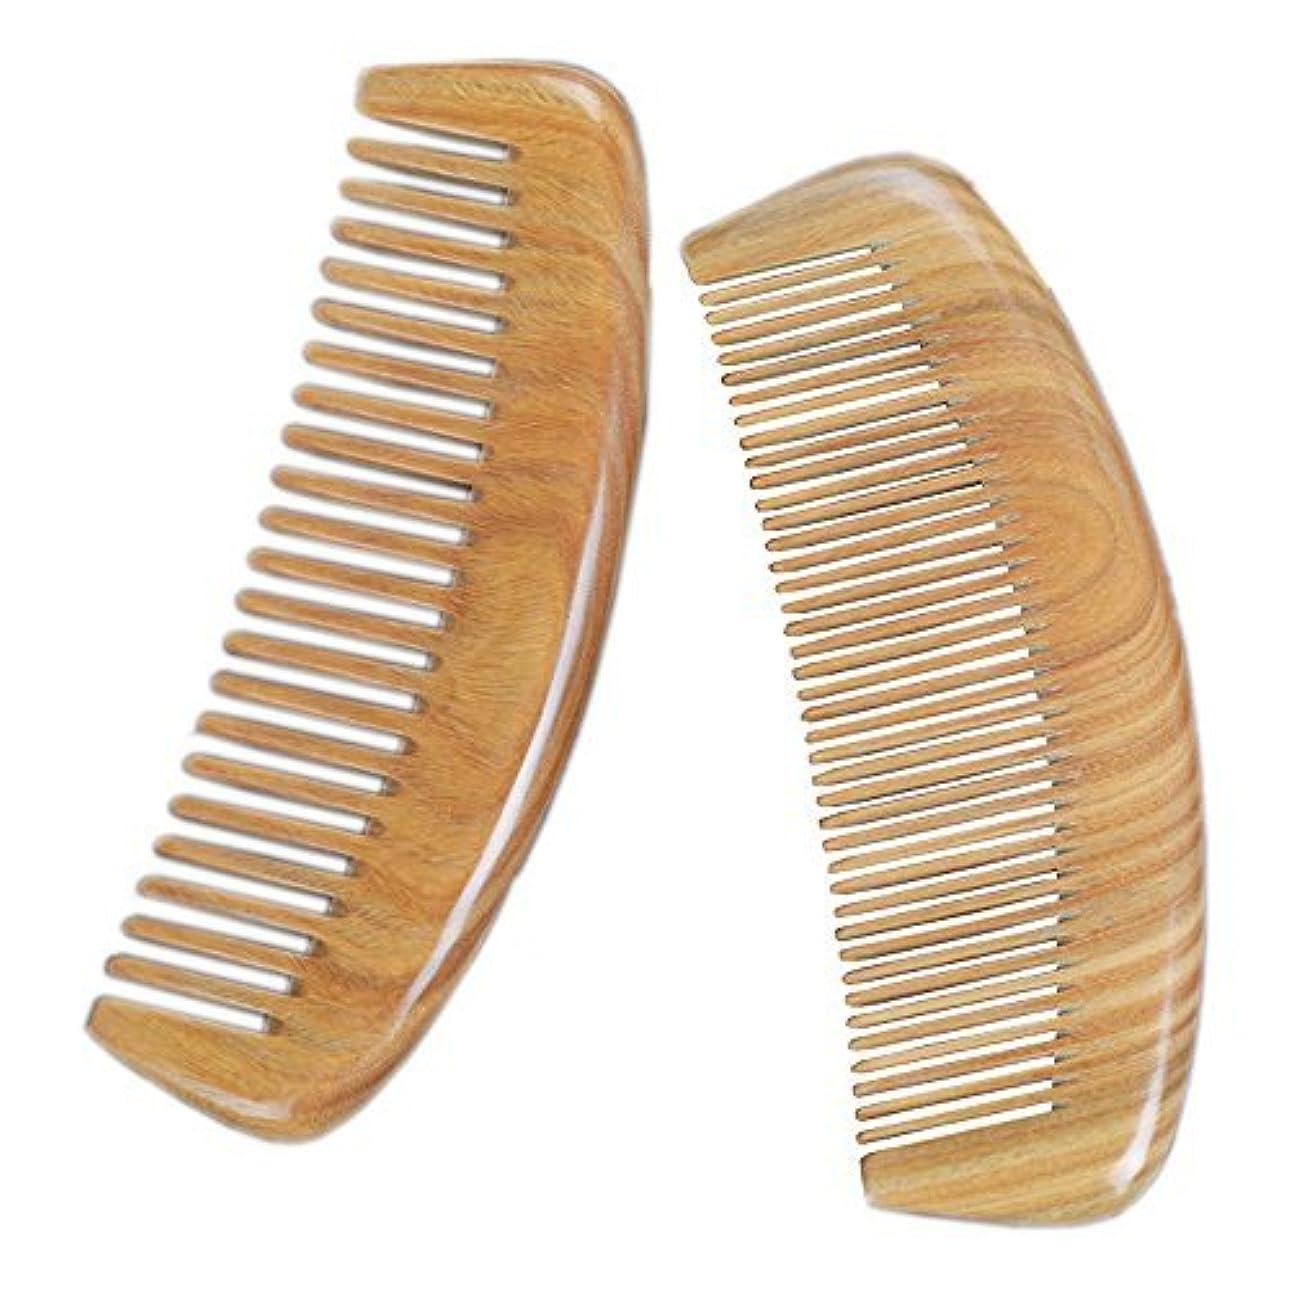 ブラシプラステープLiveZone Handmade Natural Green Sandalwood 2-Count(Minute Tooth and Wide Tooth Wood Comb) Hair Comb with Natural...